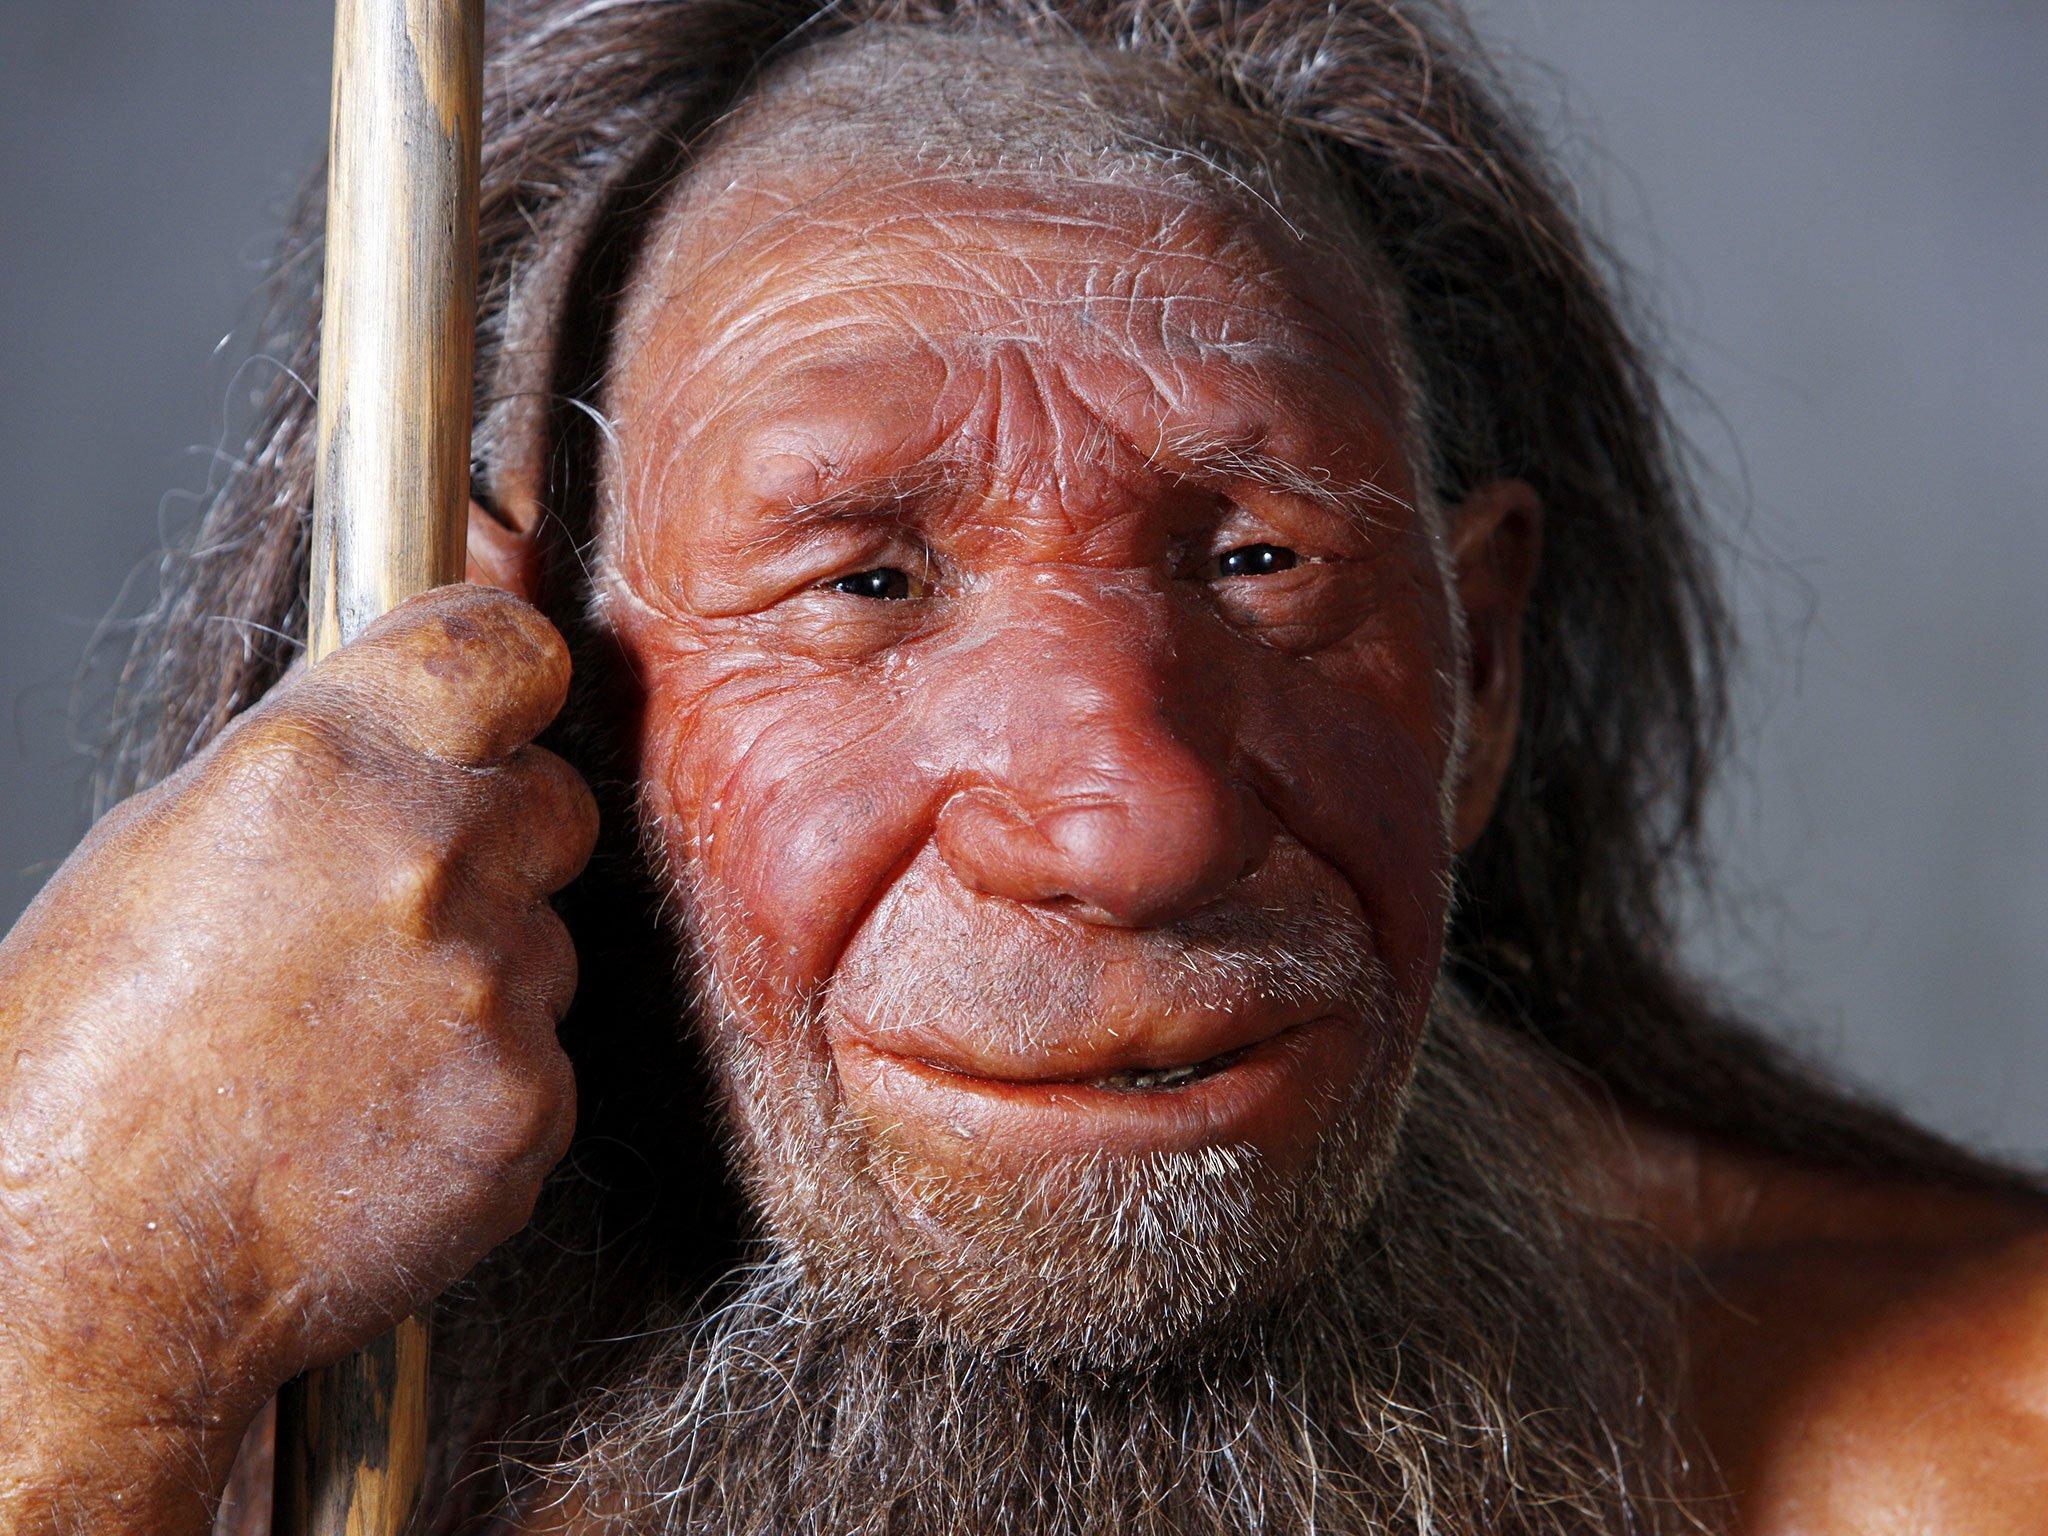 Антропологи узнали, зачем большой нос был нужен неандертальцам